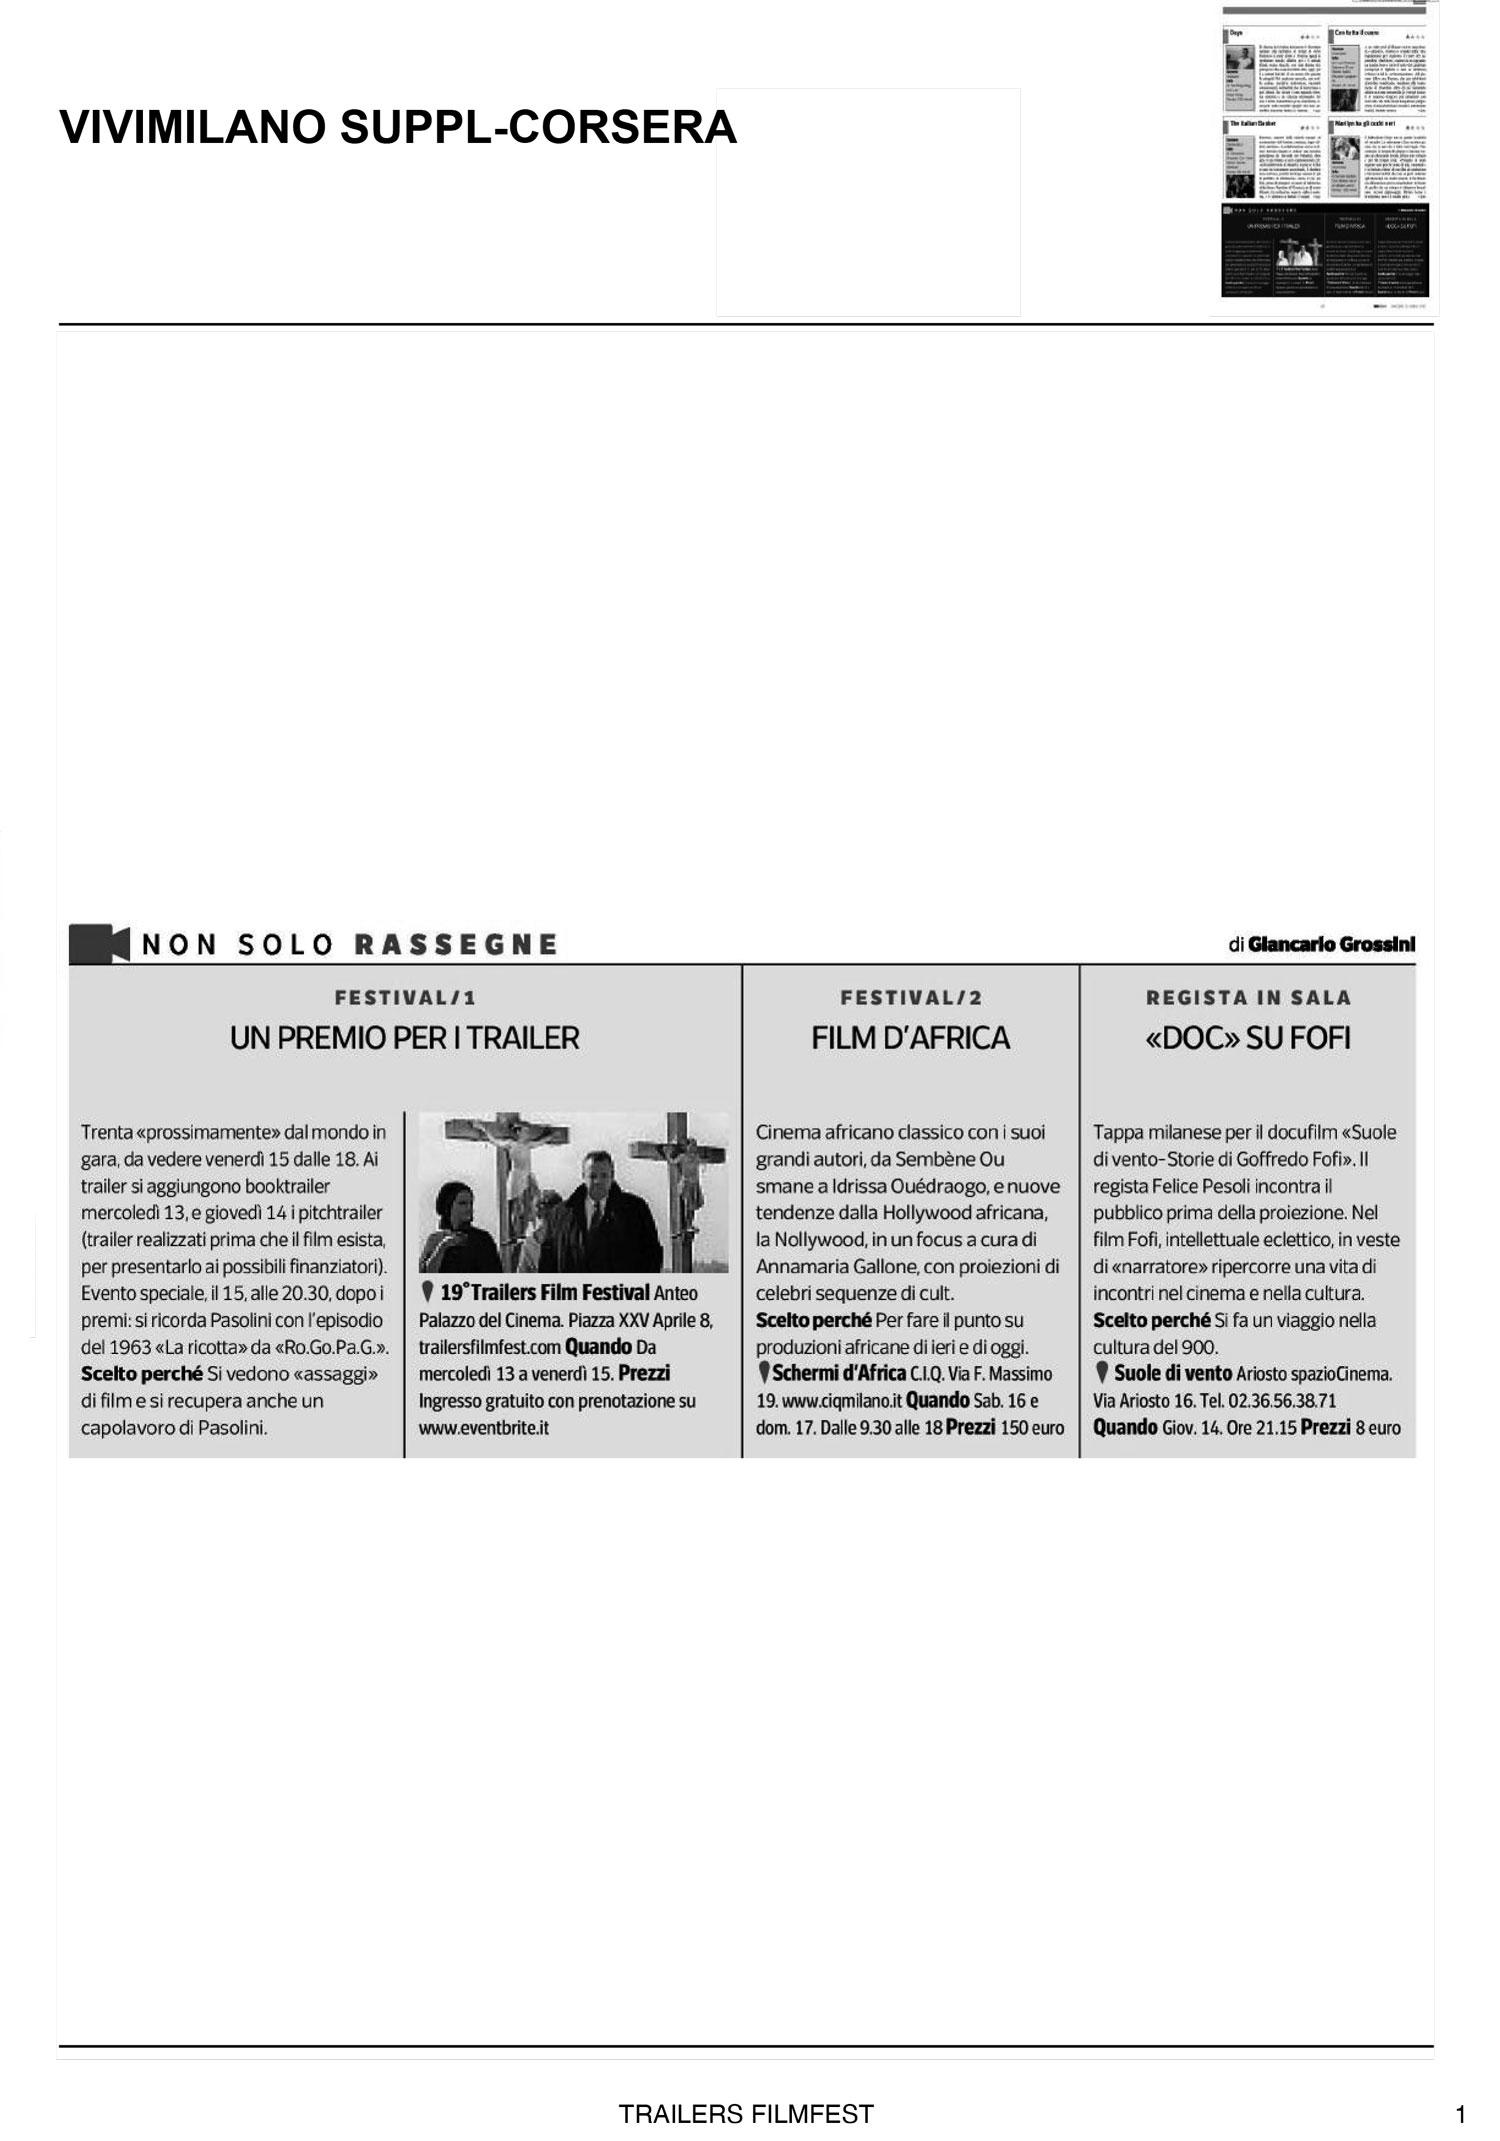 articolo-vivimilano